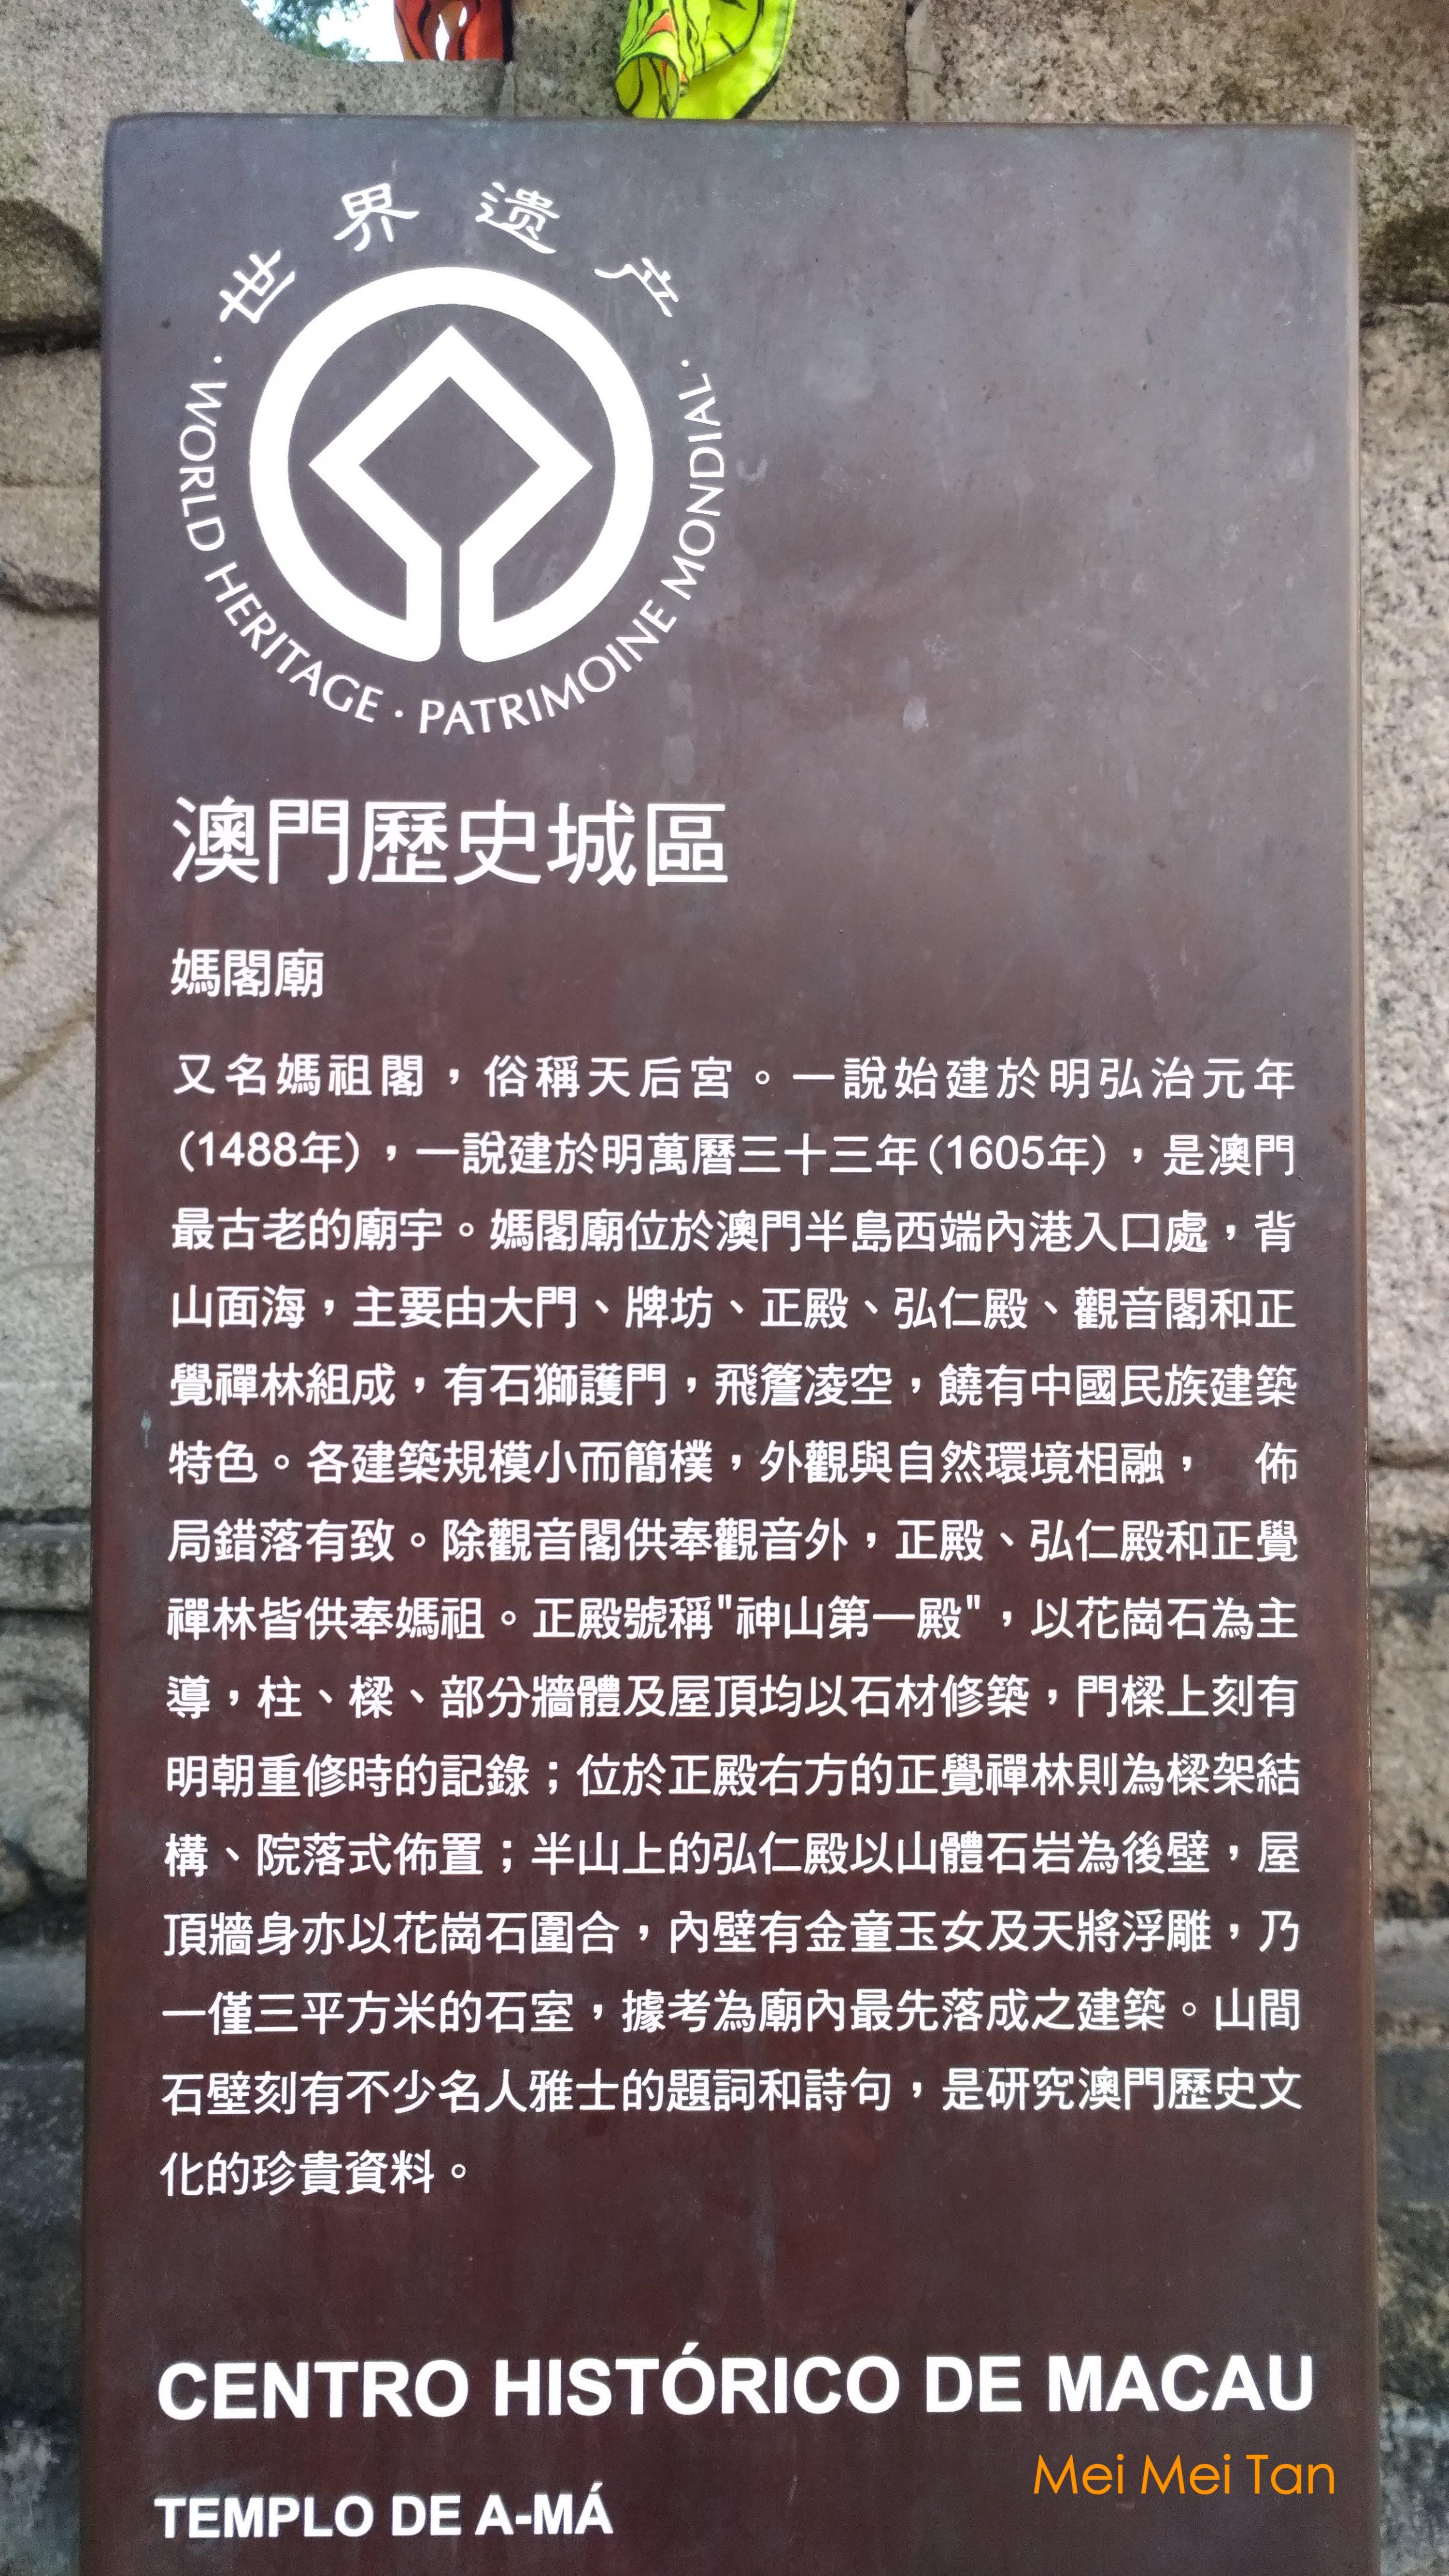 澳門媽閣廟附近景點 :尋找世界遺產,走到鐵腿記